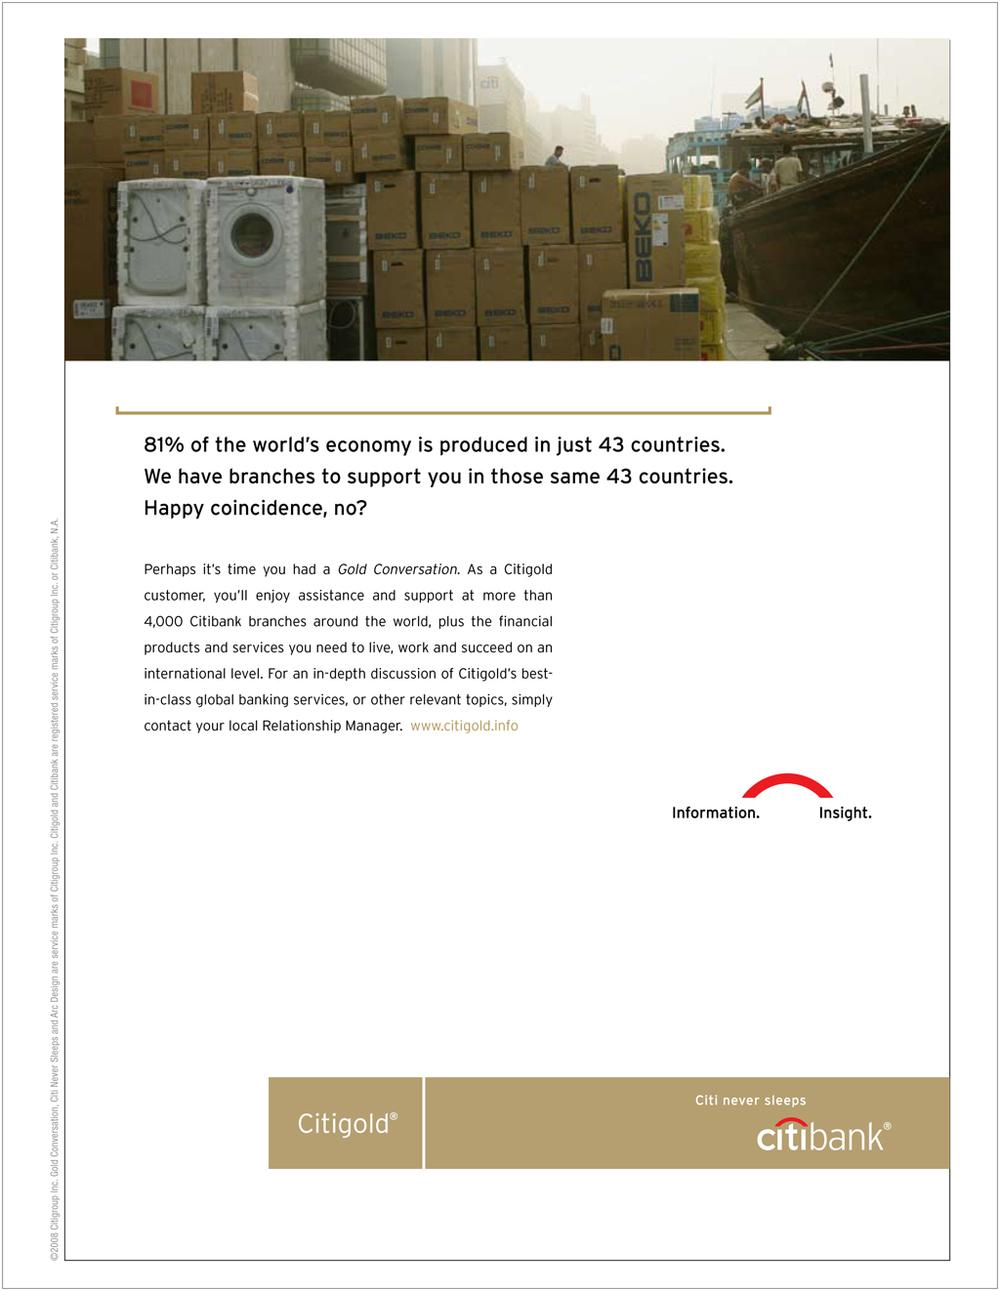 CommercialTearSheets_004.jpg